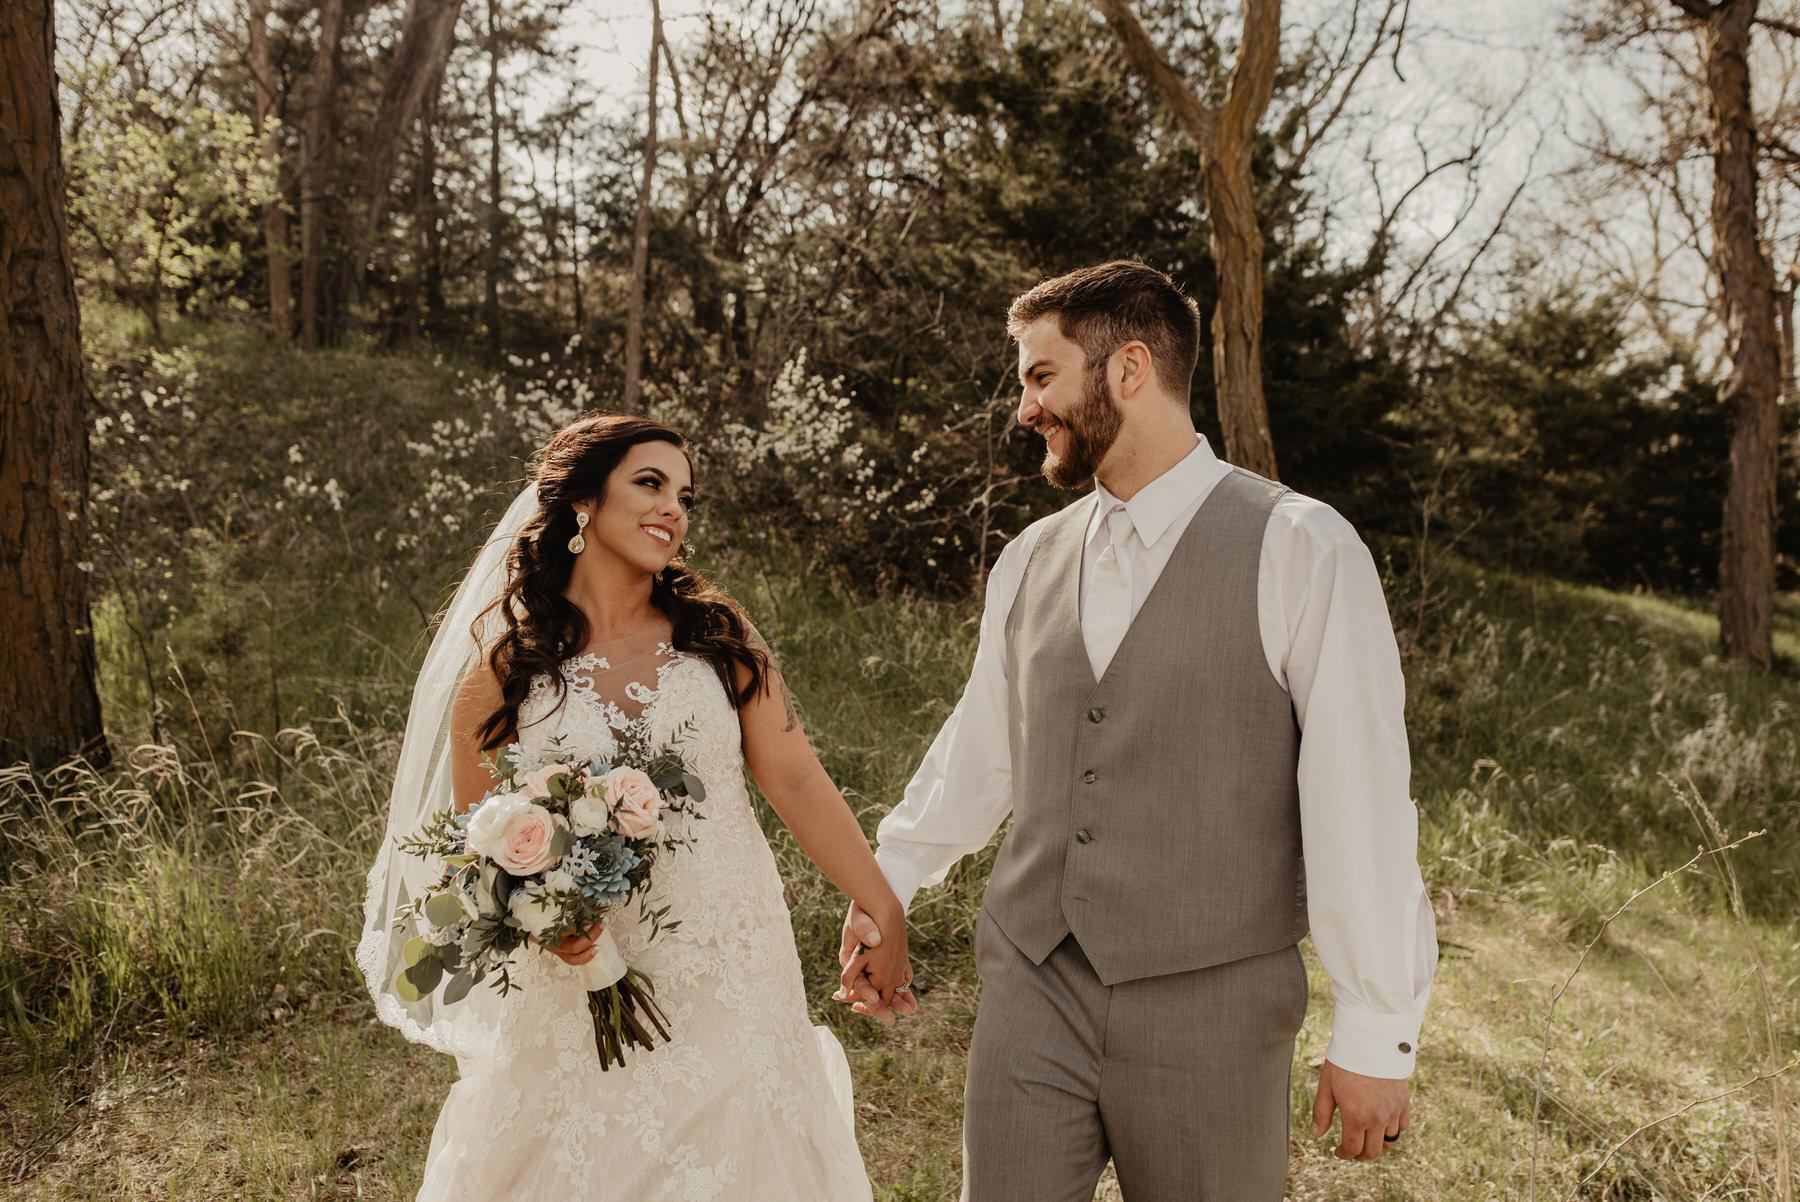 Kaylie-Sirek-Photography-Kearney-Nebraska-Wedding-078.jpg